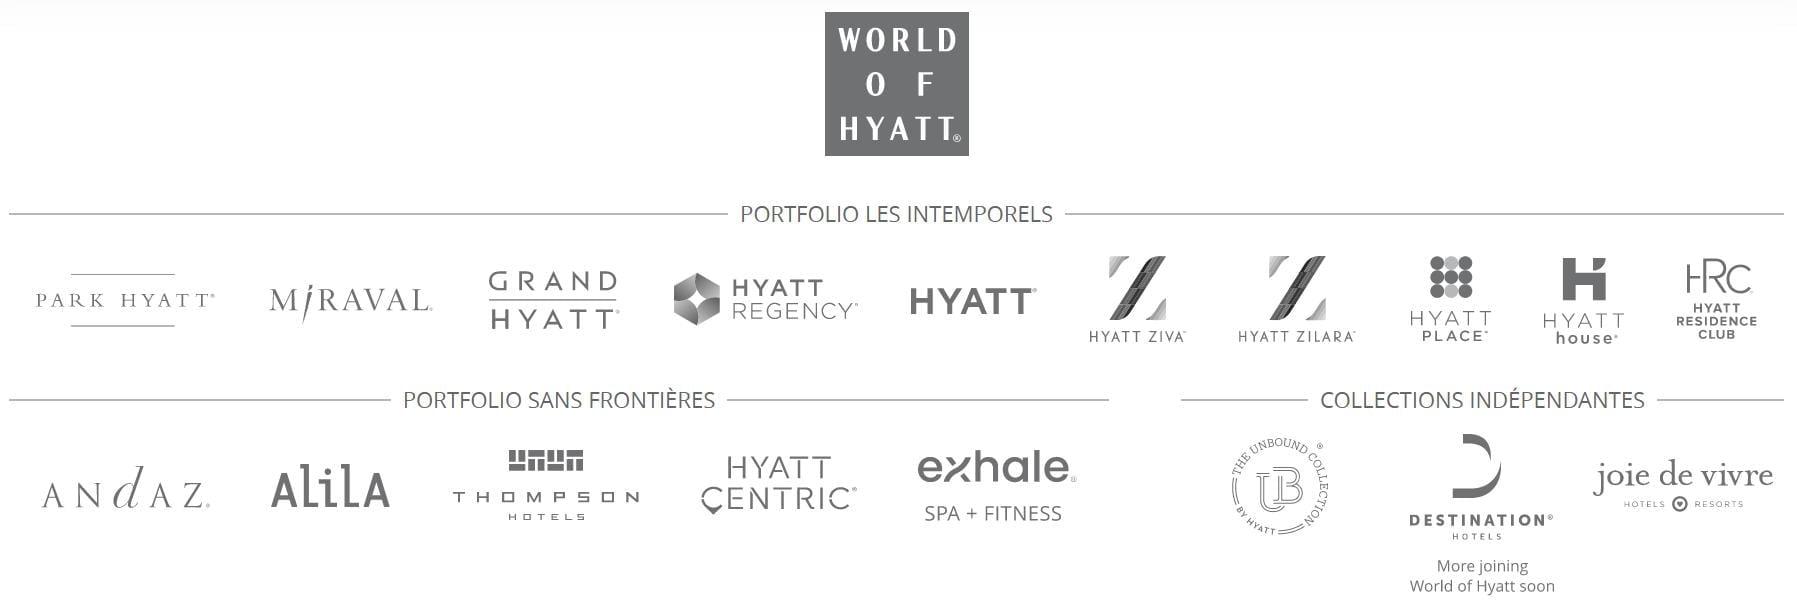 Lịch sử hình thành và phát triển thương hiệu Hyatt